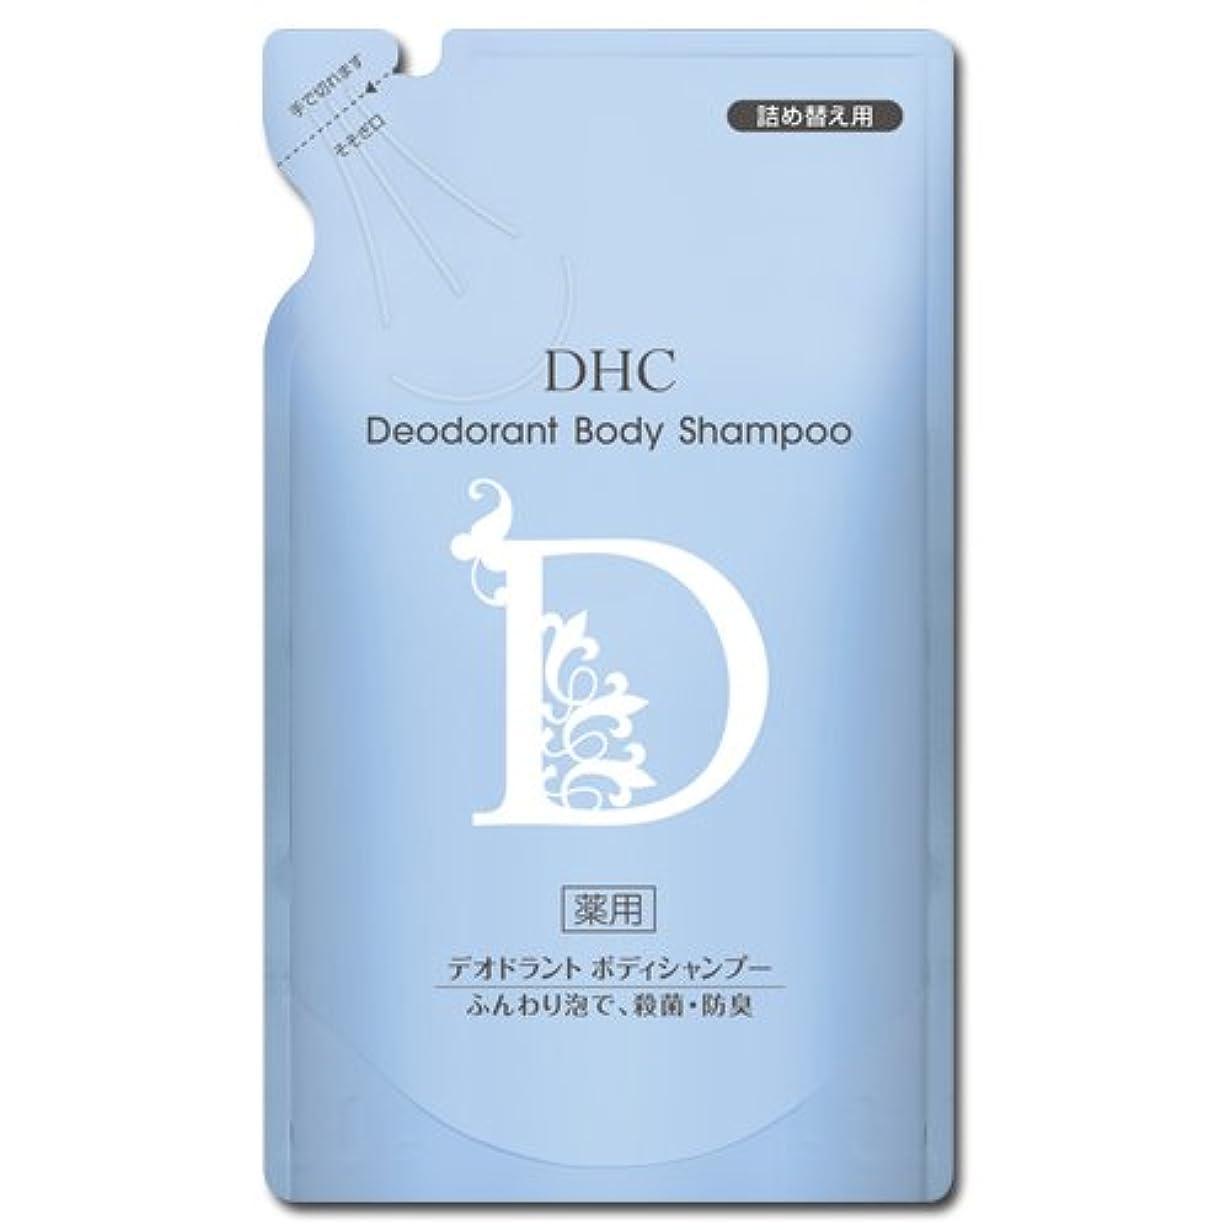 コンチネンタル小さい不正確【医薬部外品】DHC薬用デオドラント ボディシャンプー 詰め替え用